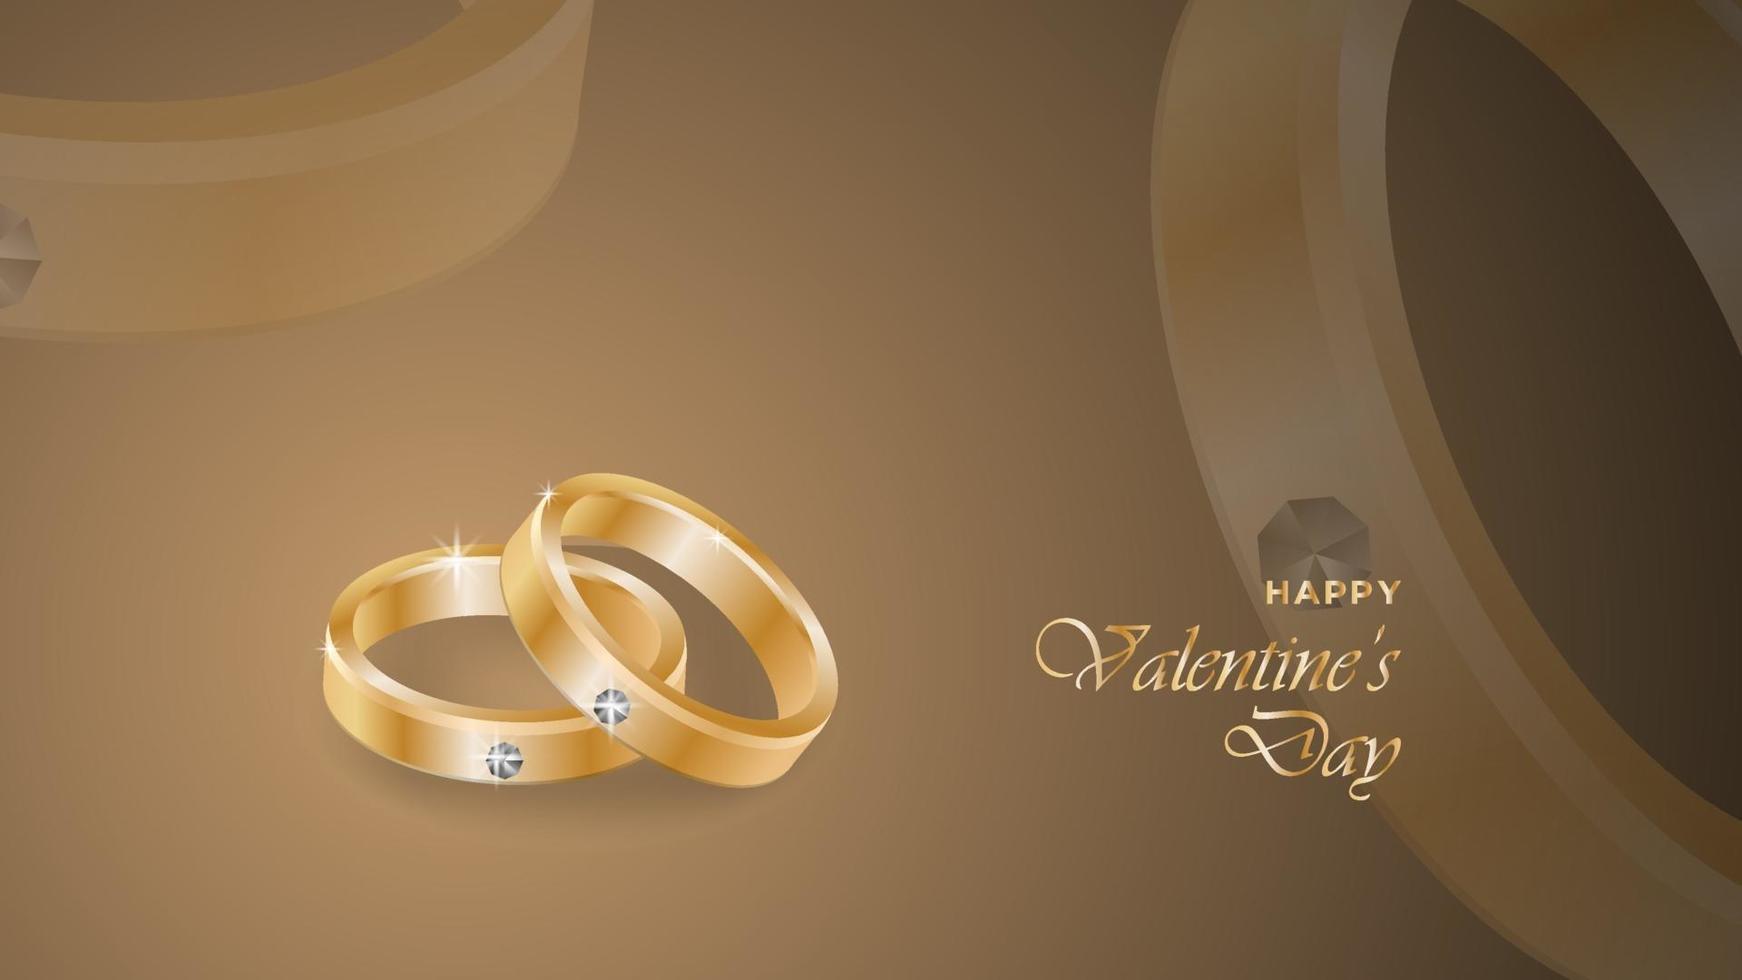 gelukkige valentijnsdag achtergrond met realistische ringontwerpobjecten vector